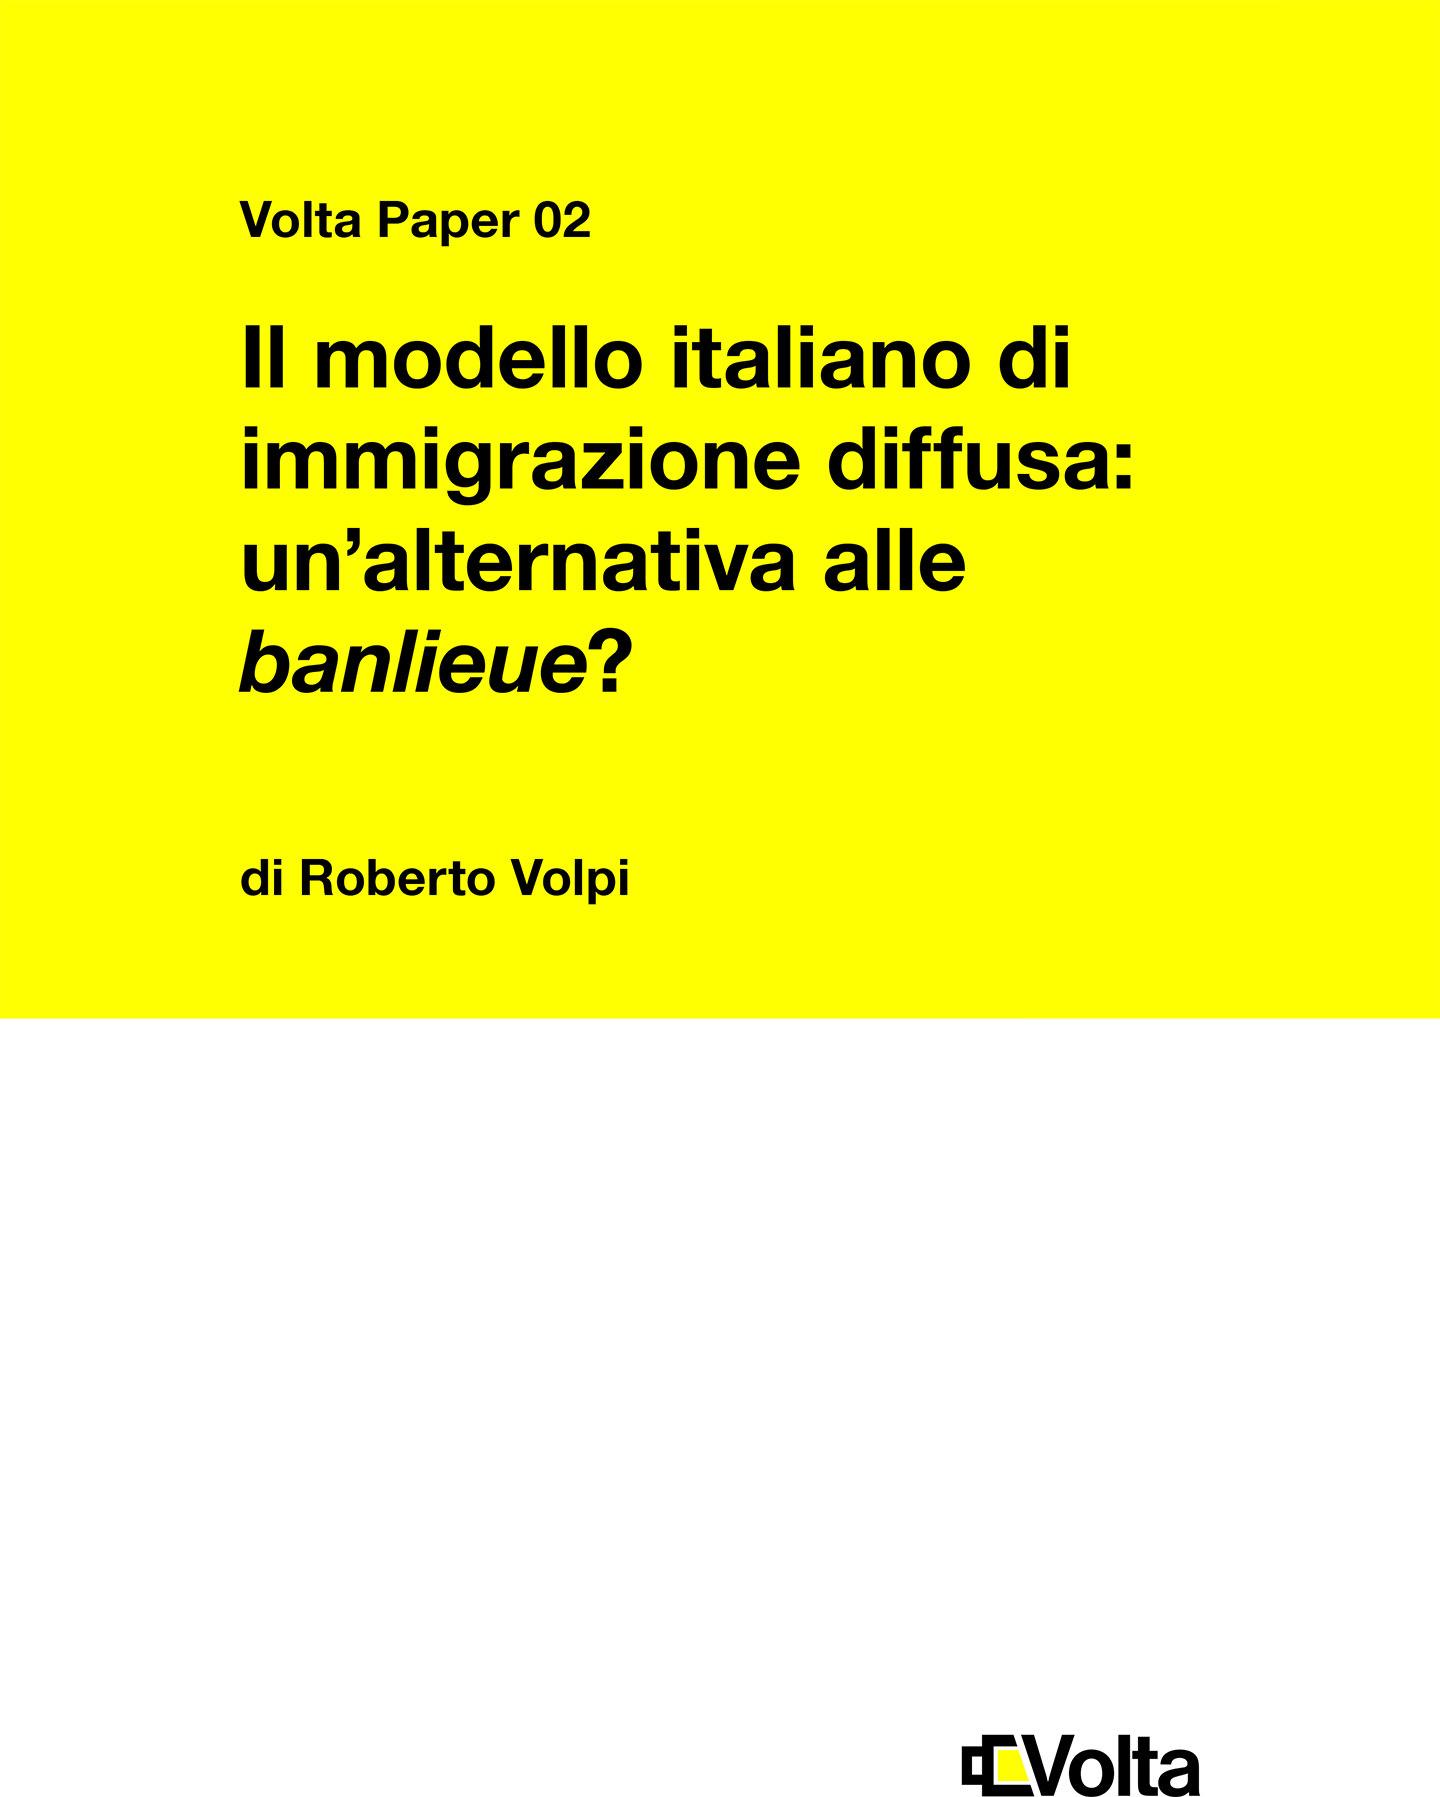 Il modello italiano di immigrazione diffusa